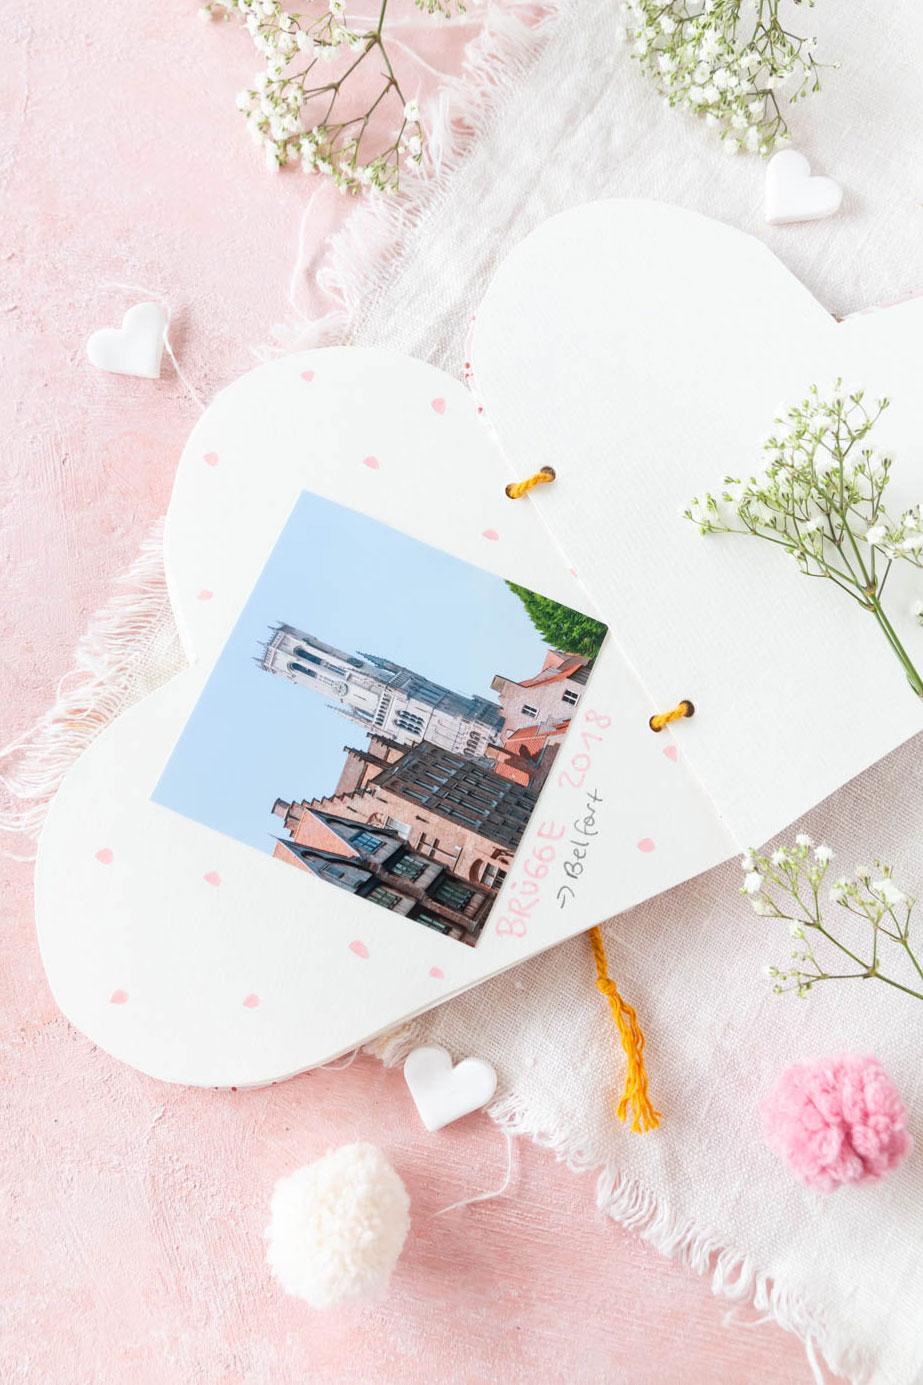 Herz Fotoalbum zum Muttertag basteln - DIY Geschenk